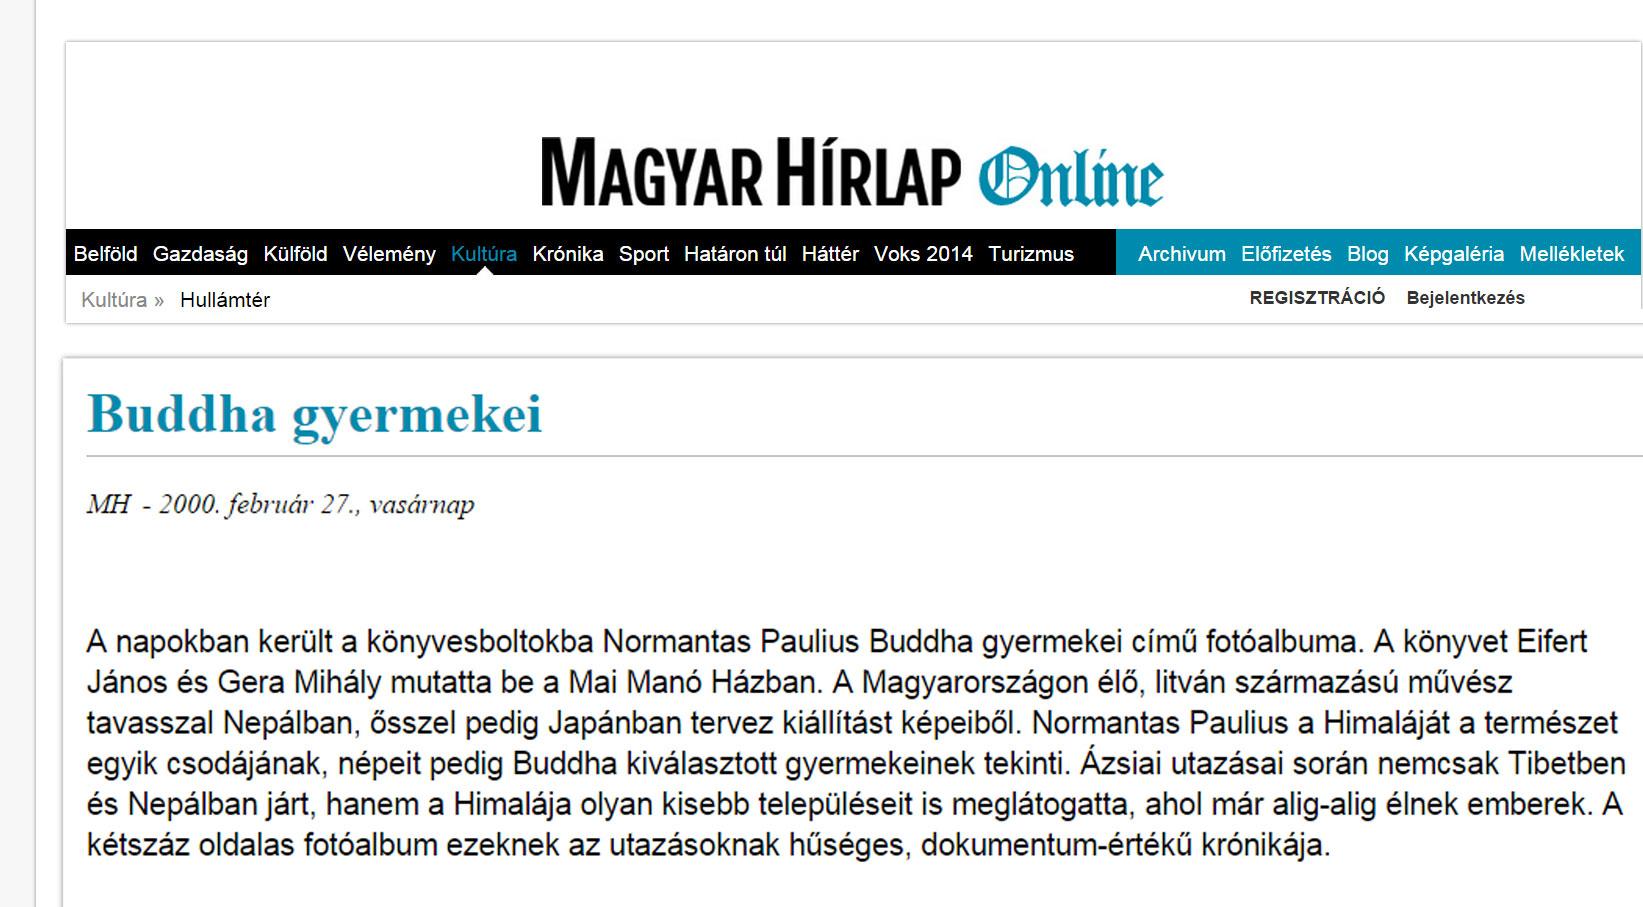 2000.02.27.-Magyar-Hírlap_Buddha-gyermekei